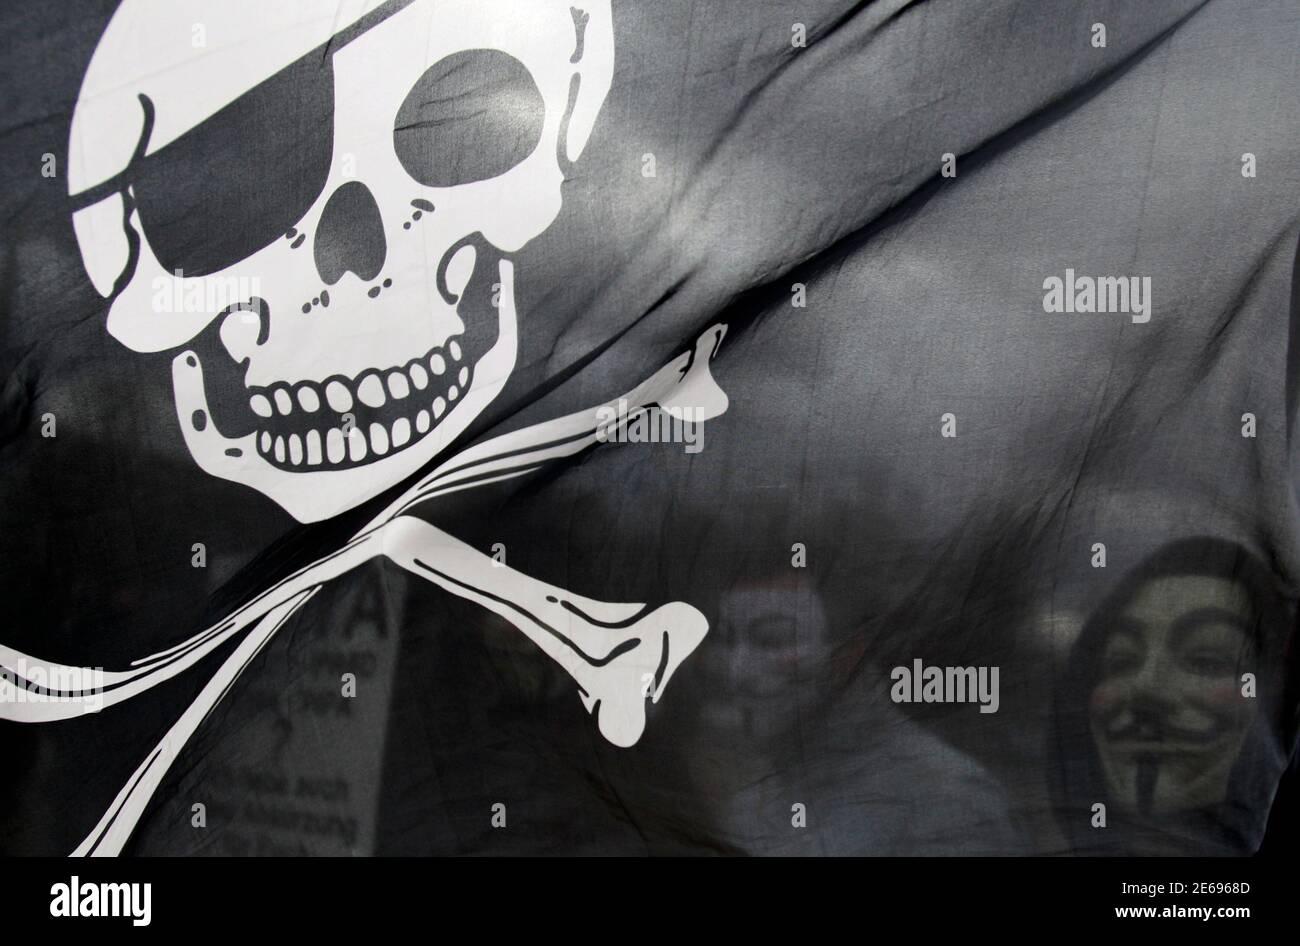 Los manifestantes que llevan máscaras Guy Fawkes participan en una manifestación contra el Acuerdo Comercial Antifalsificación (Acta) en Berlín el 25 de febrero de 2012. Los manifestantes temen que el ACTA, cuyo objetivo es reducir el robo de marcas y otras actividades de piratería en línea, reduzca la libertad de expresión, ponga freno a su libertad para descargar películas y música de forma gratuita y fomente la vigilancia en Internet. REUTERS/TOBIAS SCHWARZ (ALEMANIA - TAGS: POLÍTICA DISTURBIOS CIVILES TPX IMÁGENES DEL DÍA) Foto de stock